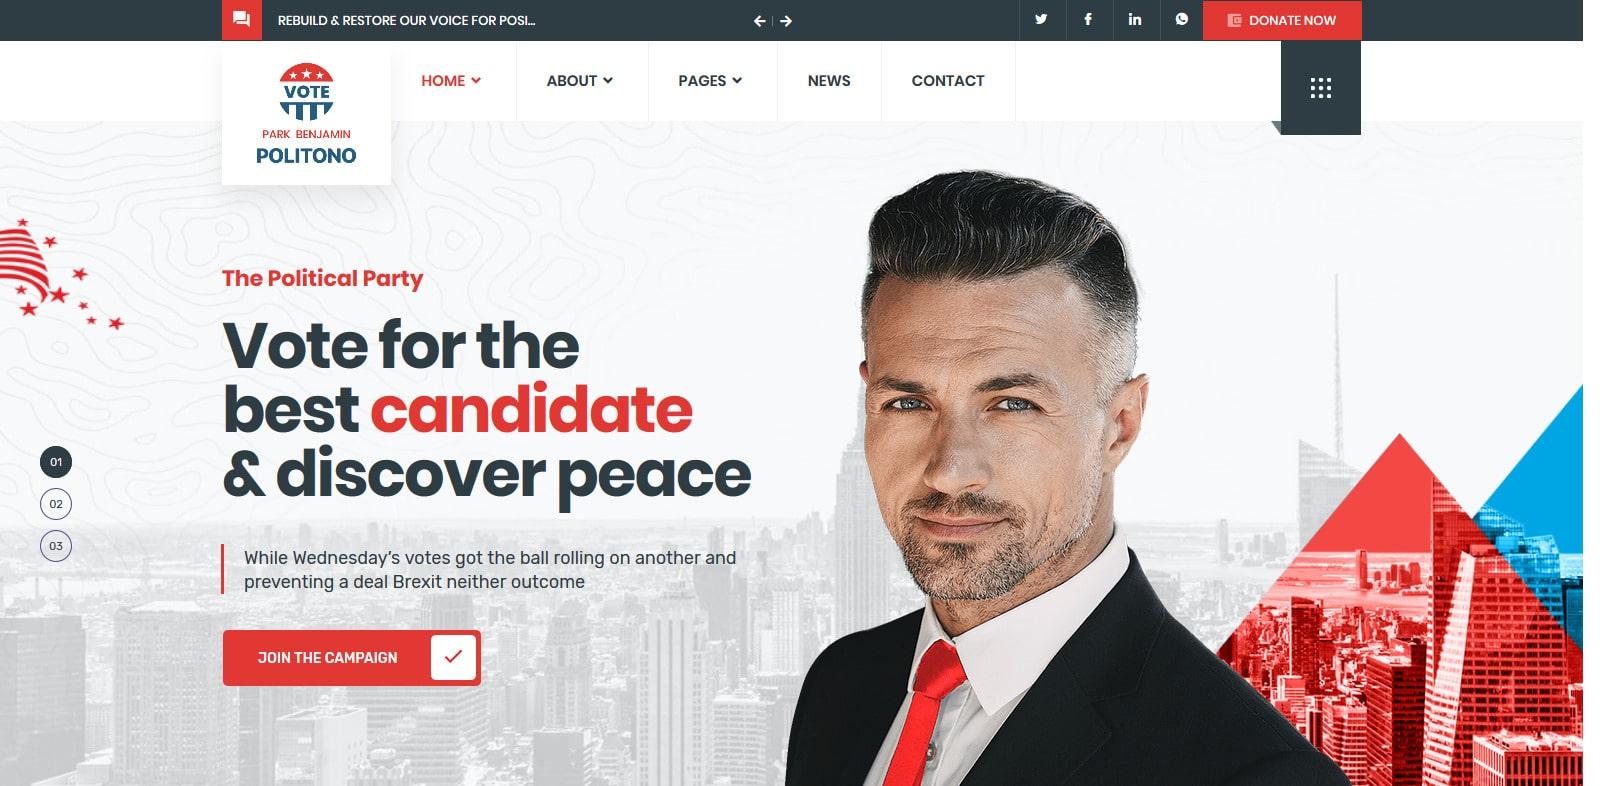 politono-political-website-template